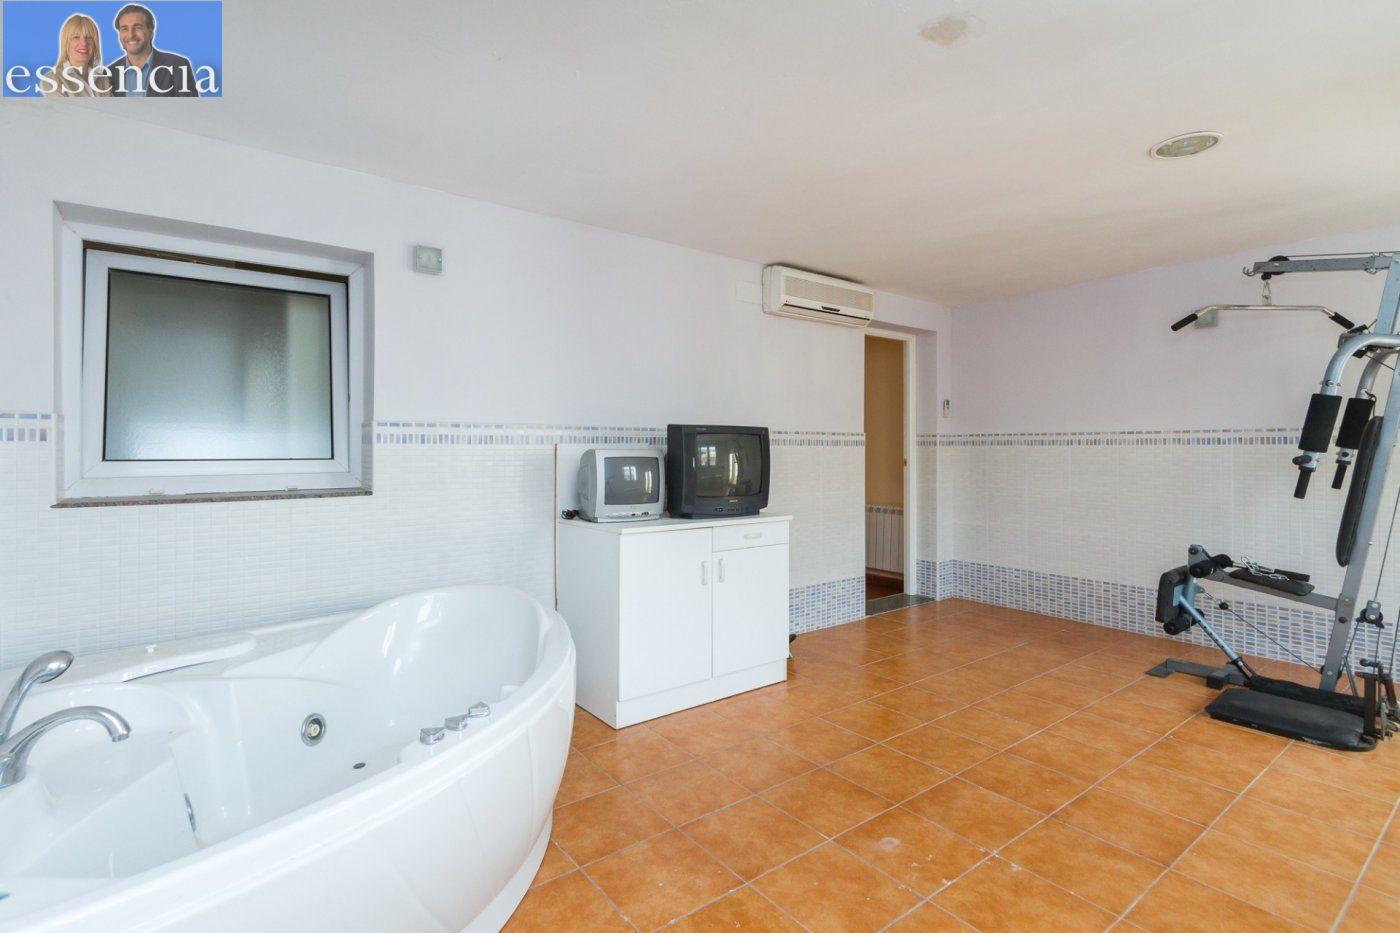 Casa con encanto en el centro de gandÍa para clientes vip - imagenInmueble22